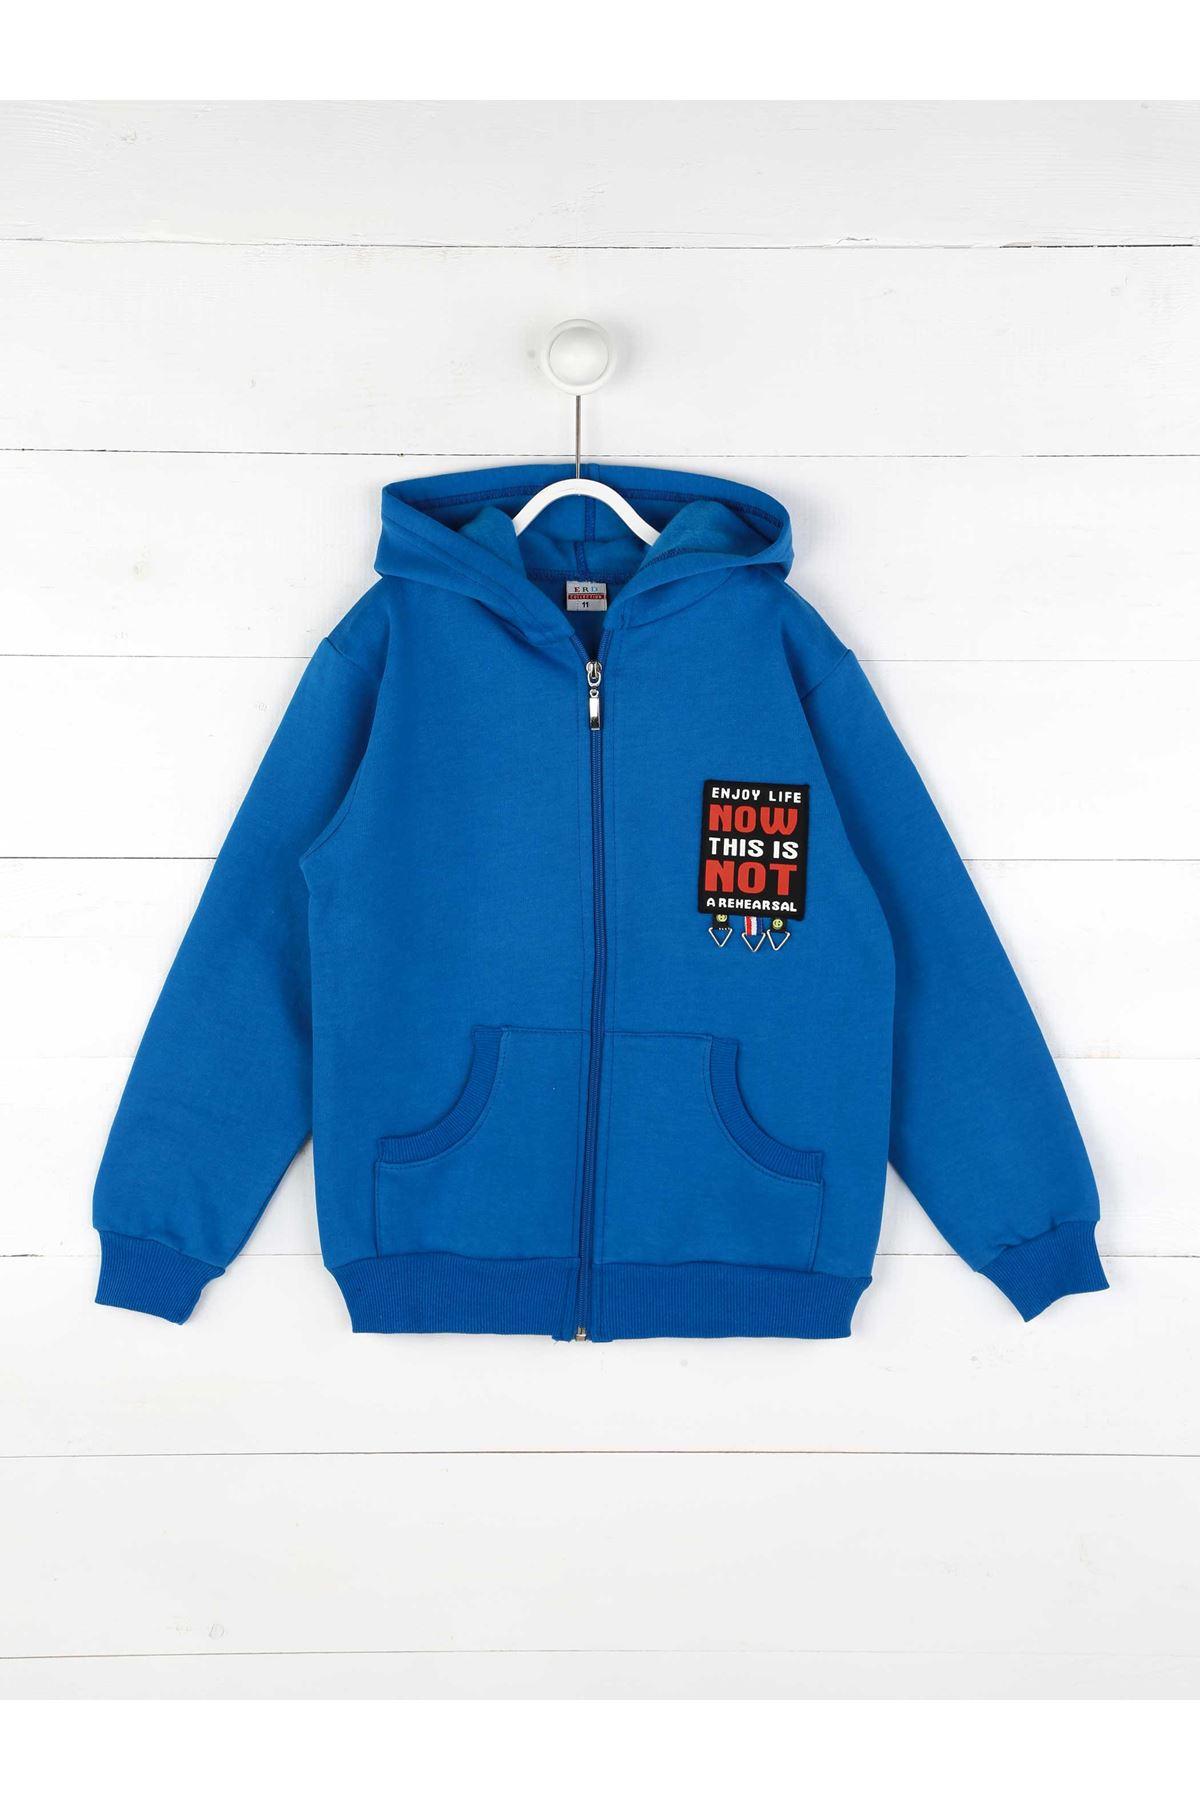 Mavi Kışlık Kapşonlu Erkek Çocuk Ceket